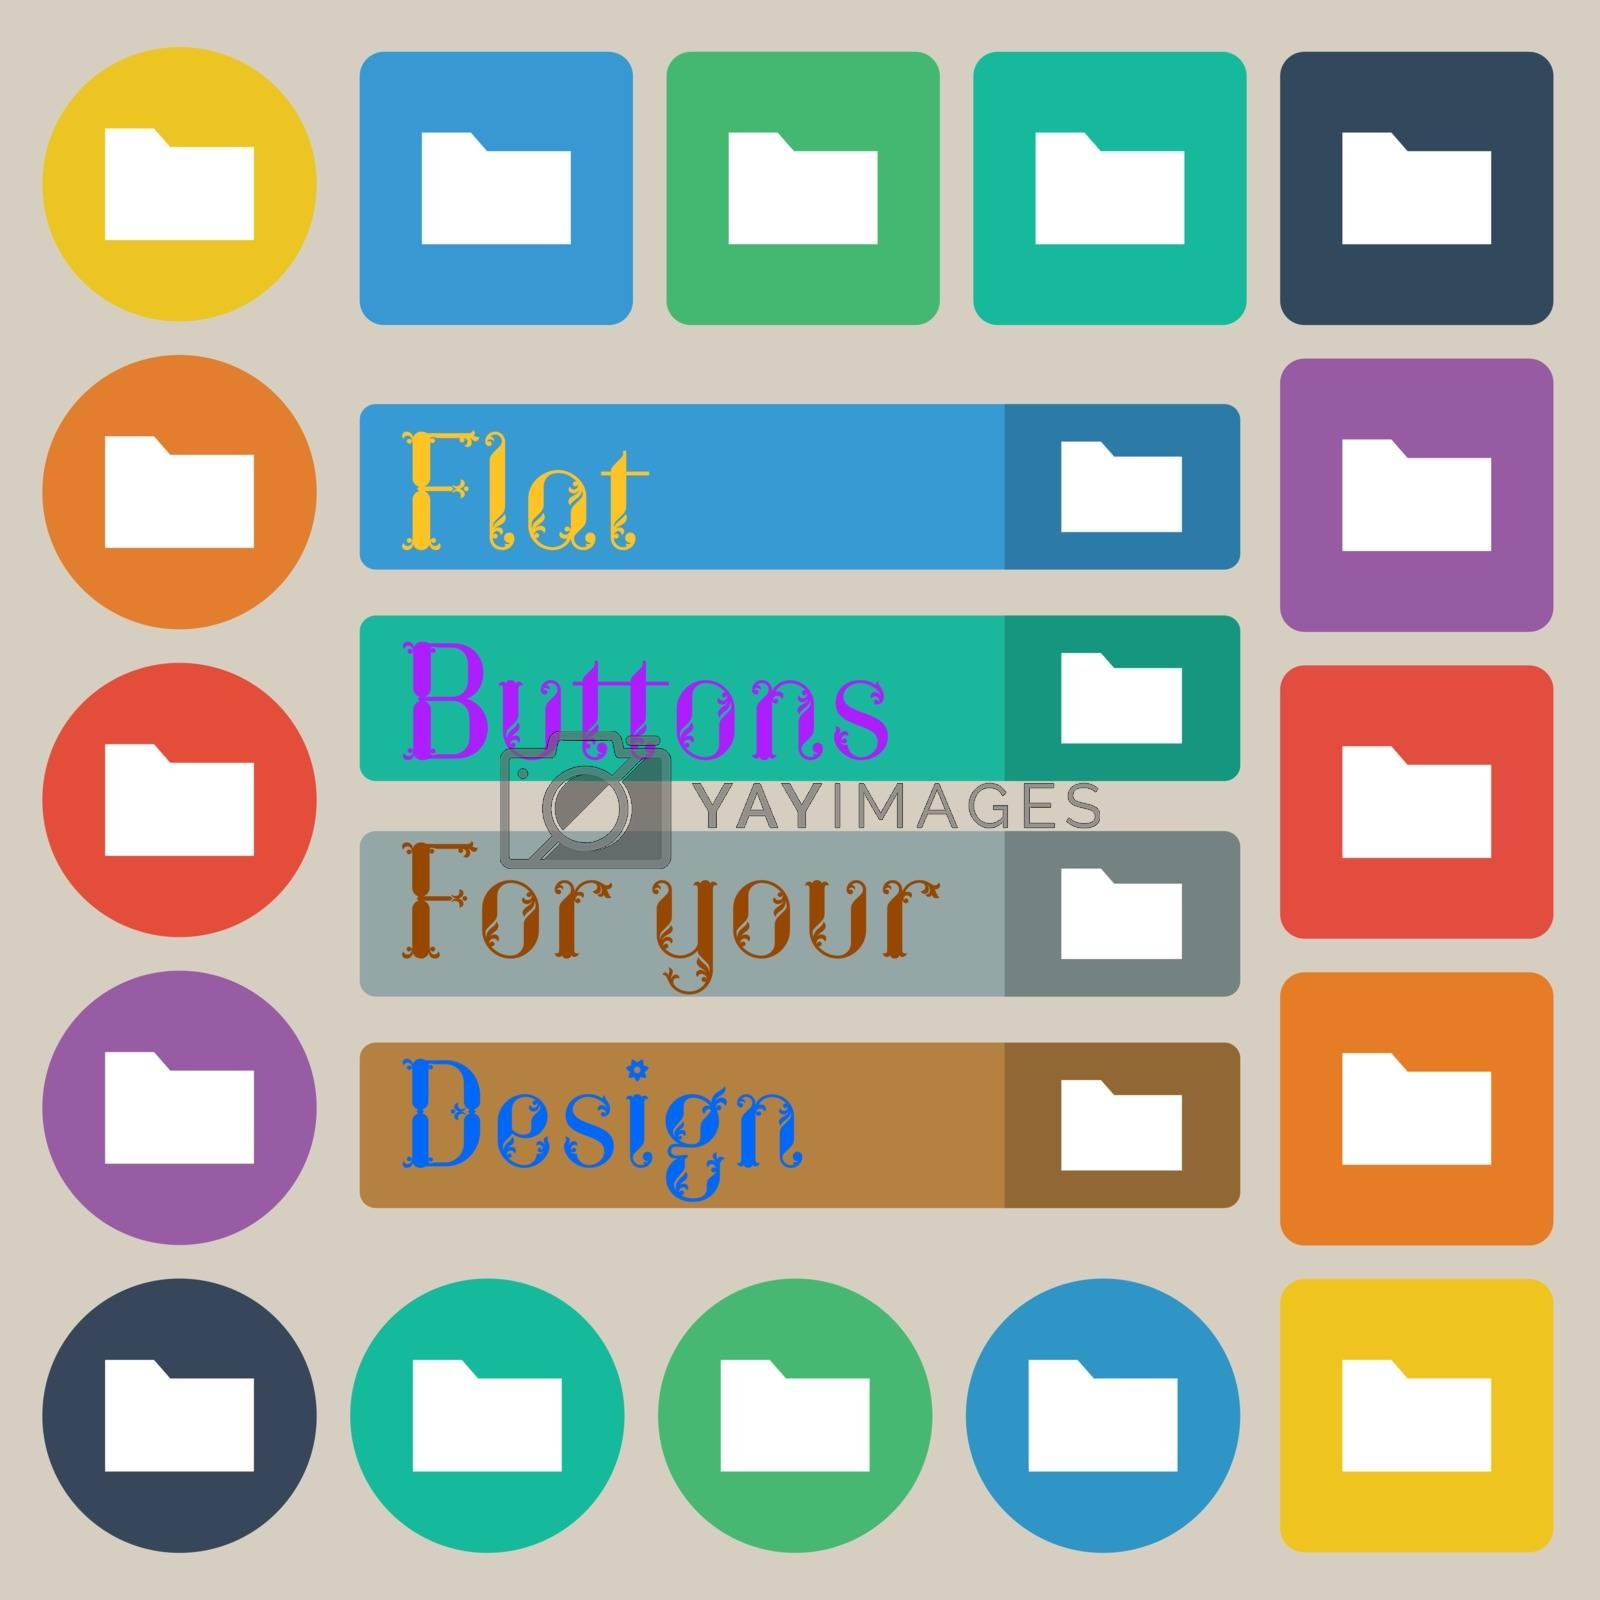 Royalty free image of Document folder  by serhii_lohvyniuk